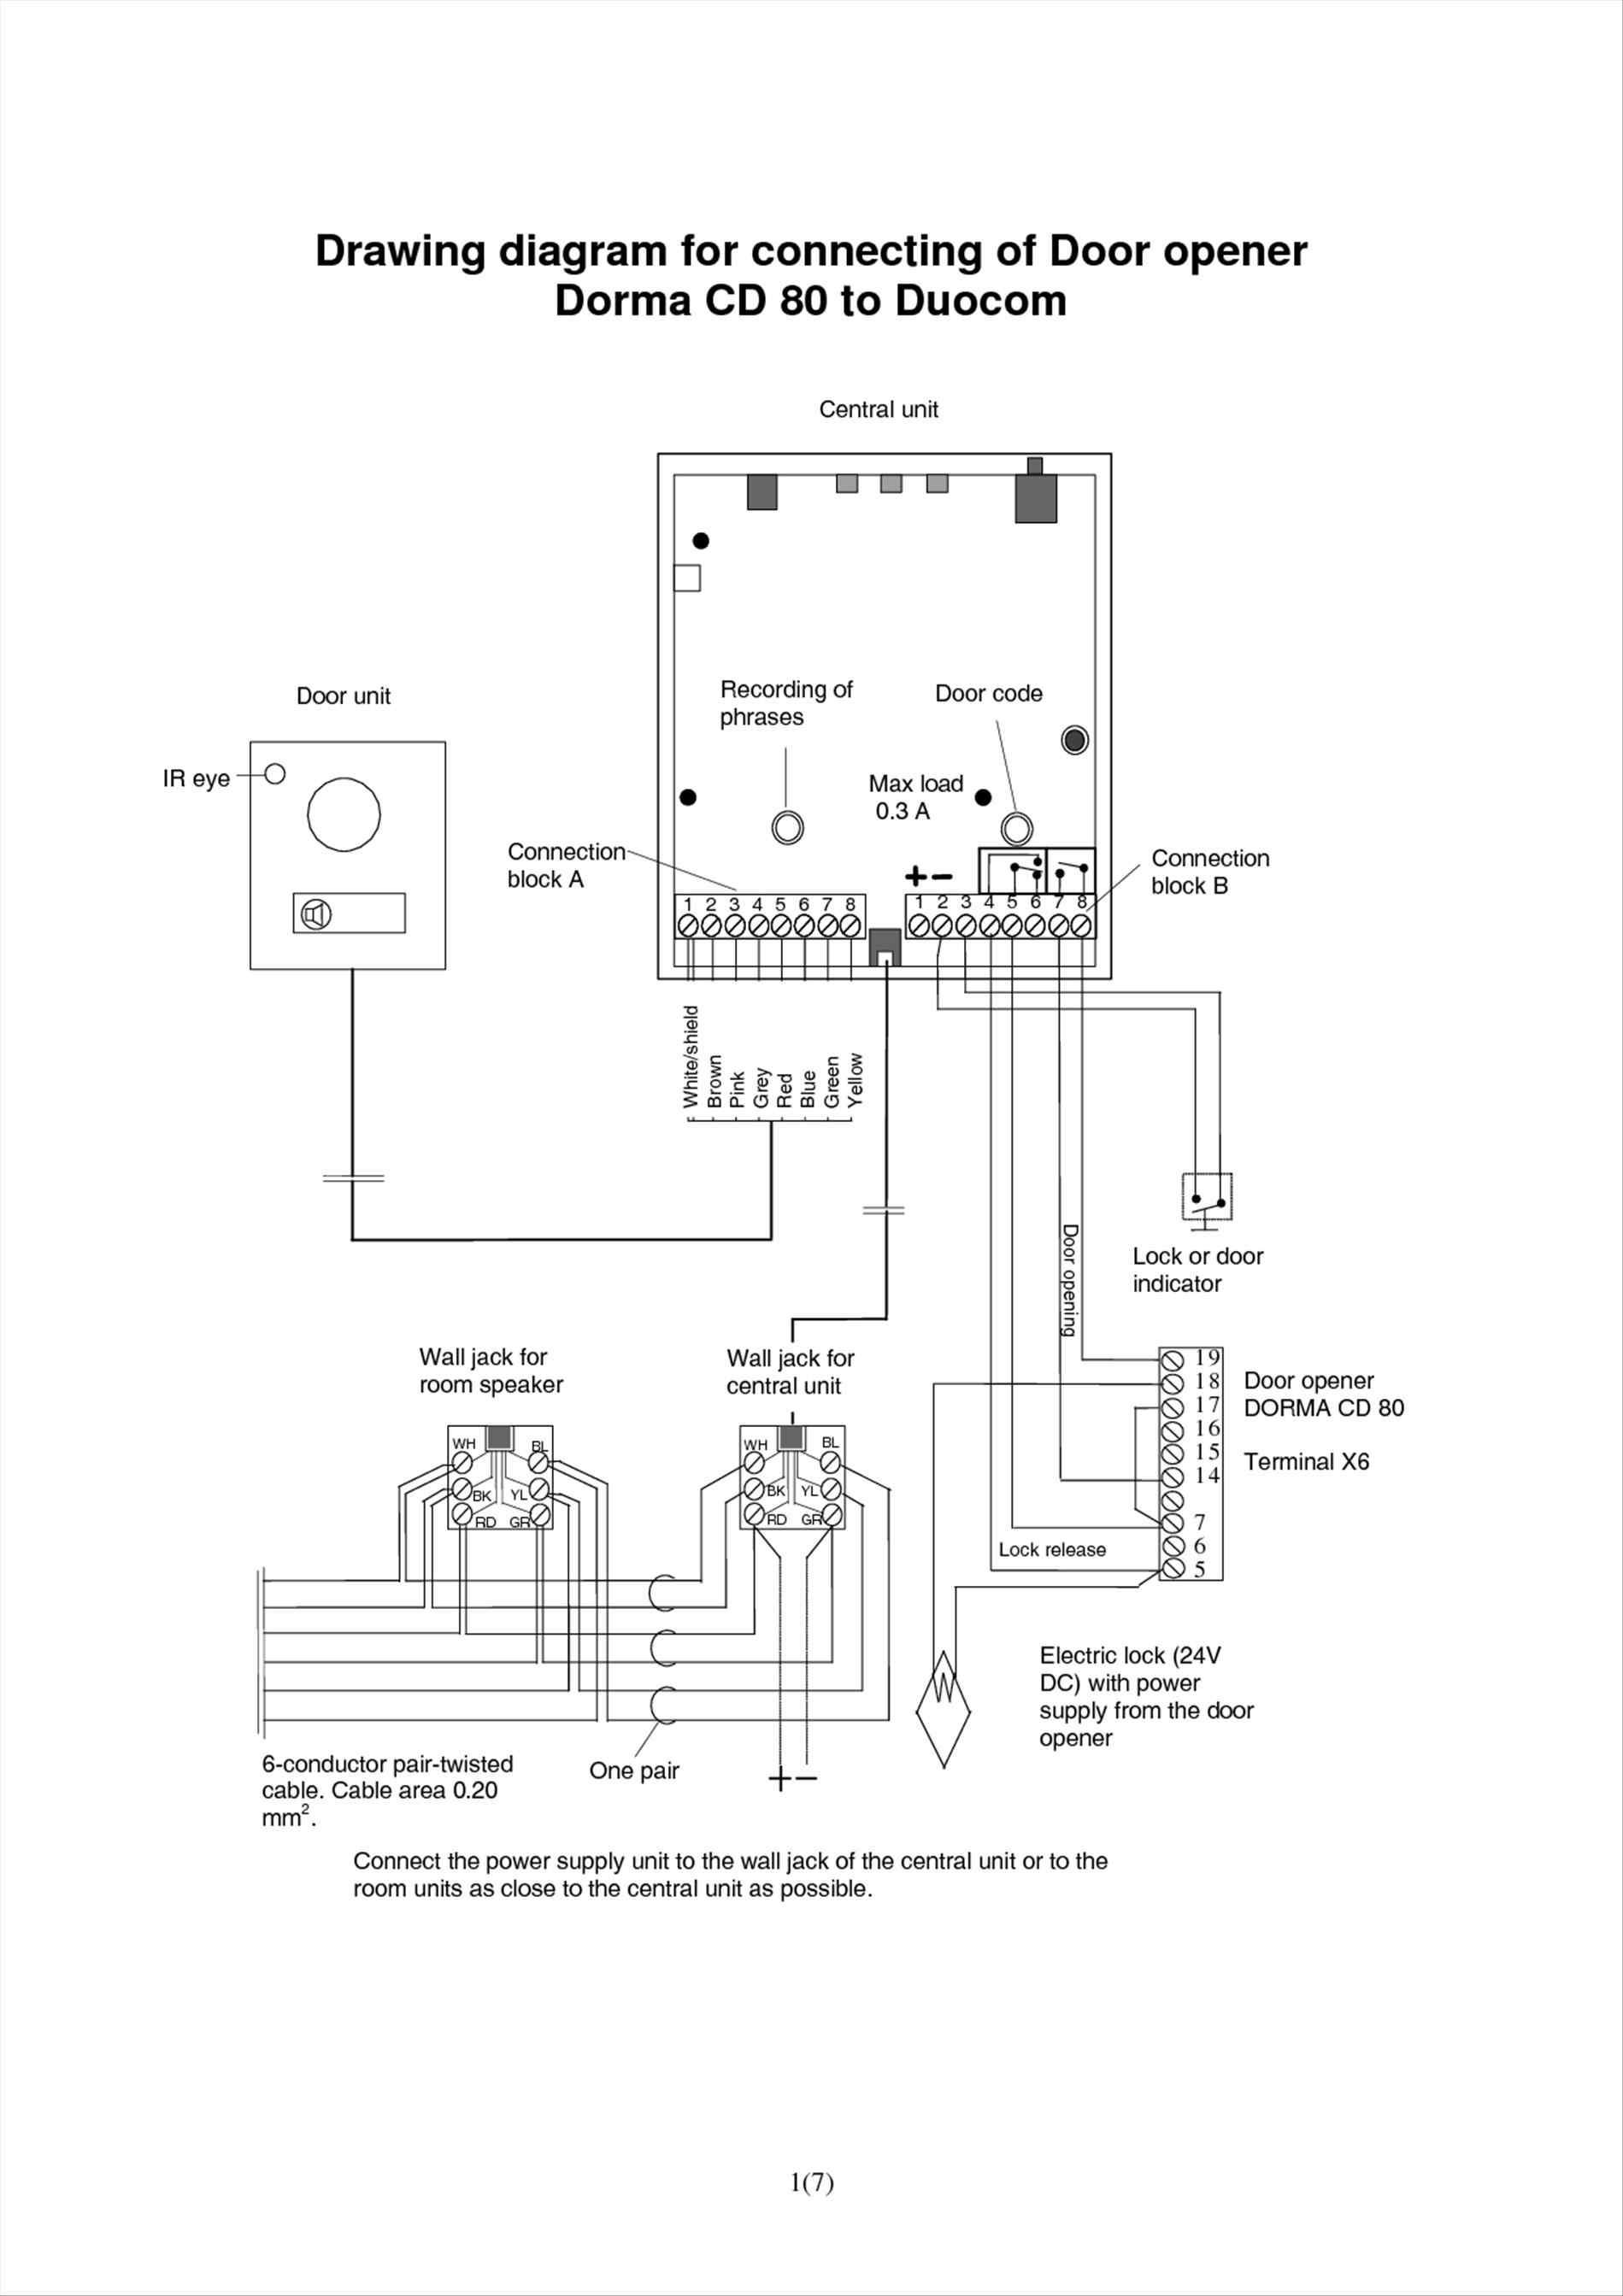 commercial garage door wiring schematic rd 4970  allister garage door opener wiring diagram free diagram  garage door opener wiring diagram